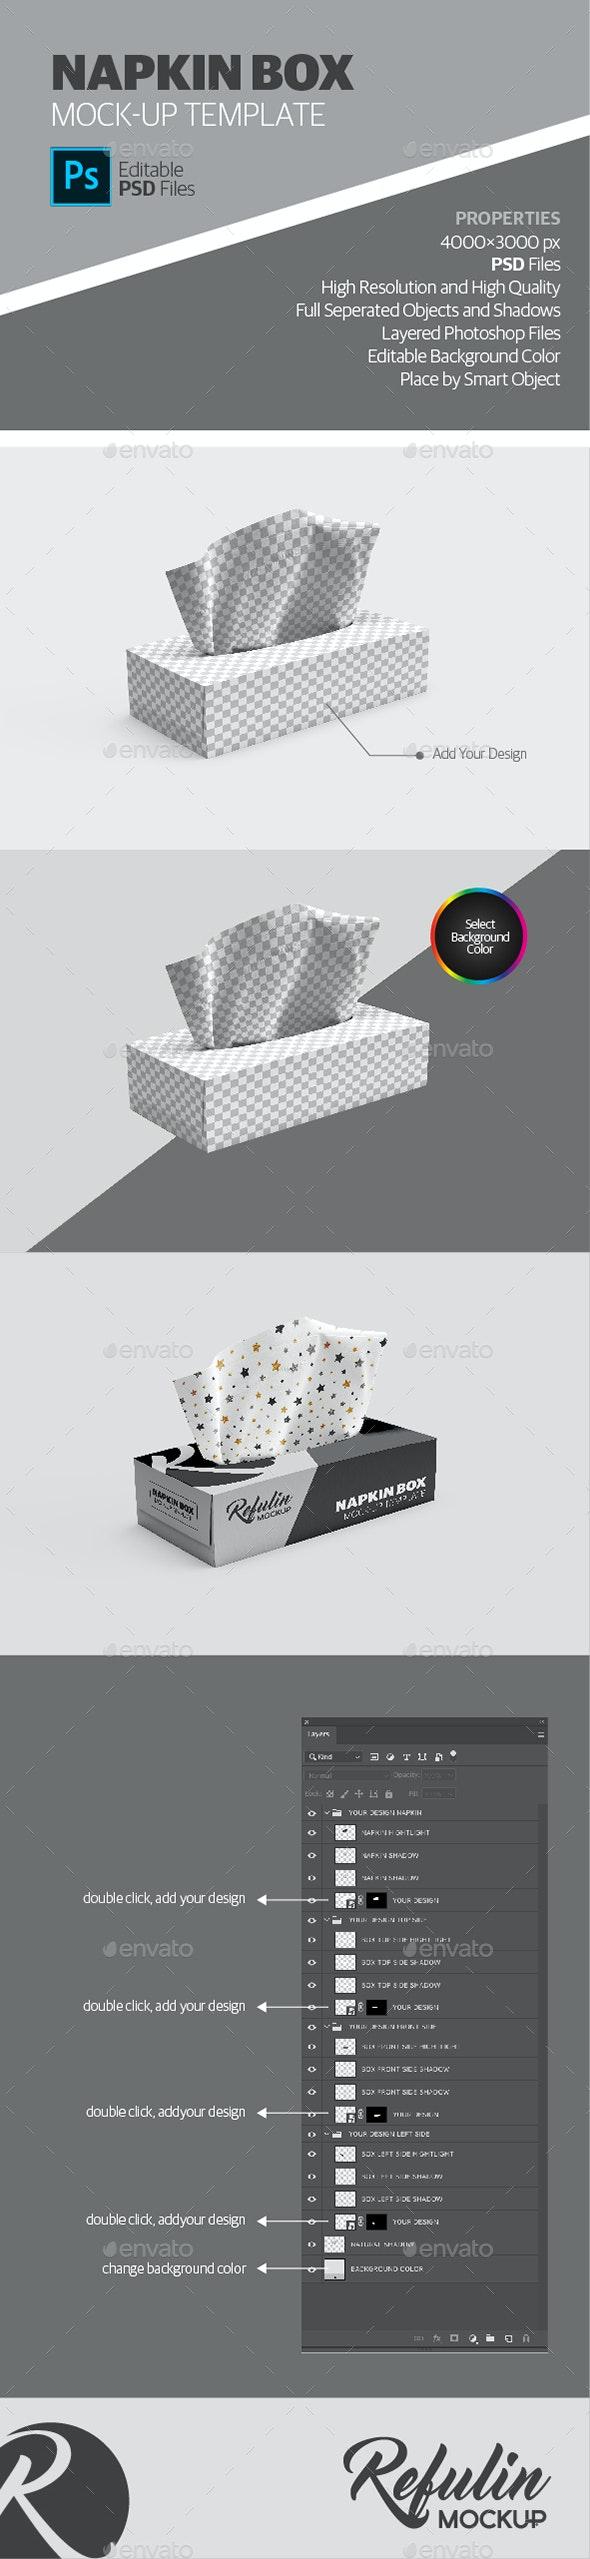 Napkin Box Mockup - Product Mock-Ups Graphics